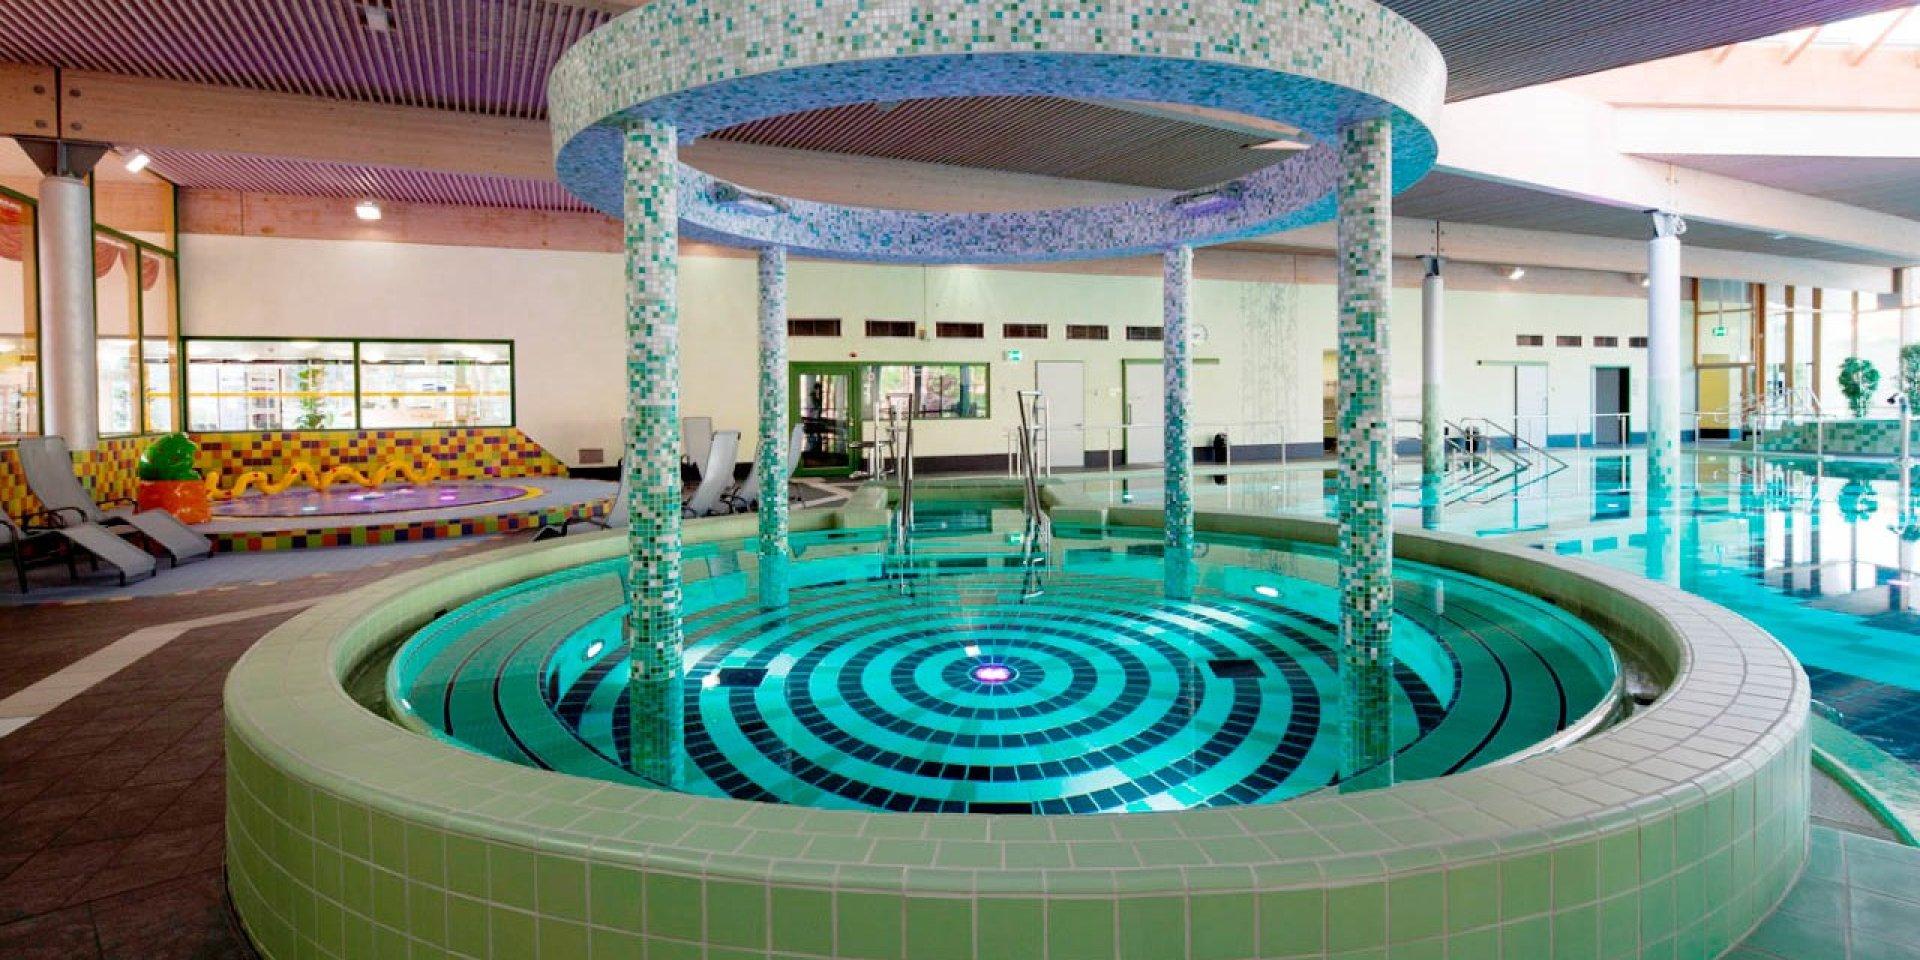 bad salzelmen solepark sch nebeck steuler pool construction. Black Bedroom Furniture Sets. Home Design Ideas